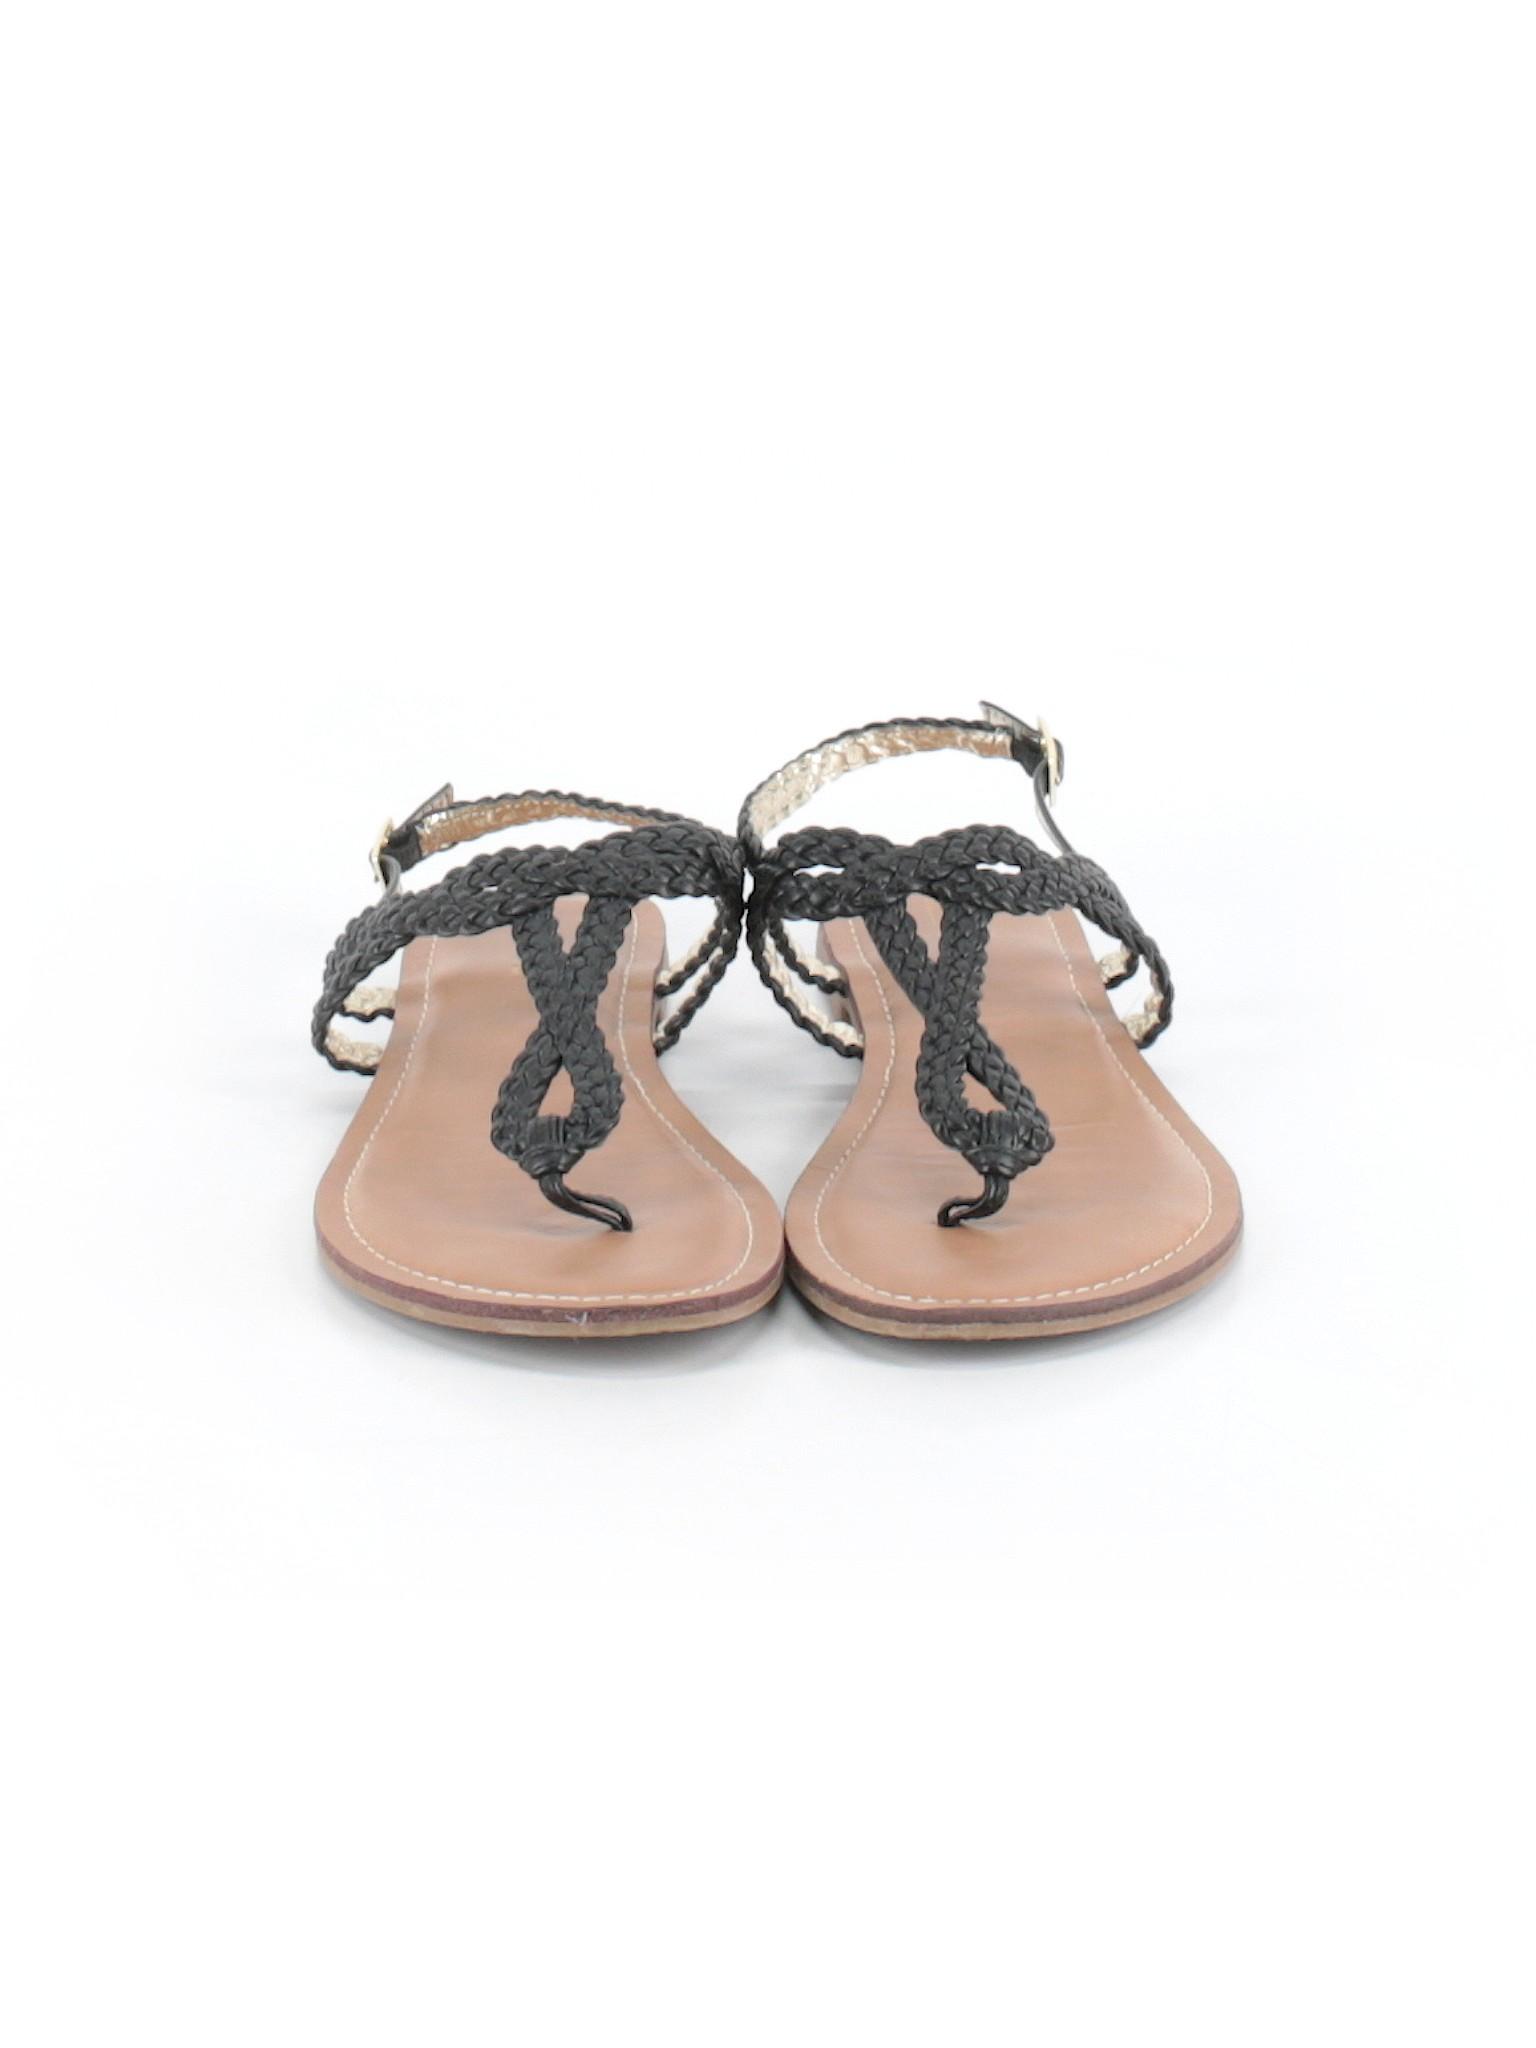 Boutique Boutique promotion promotion Merona Sandals Sandals Merona wqS0n57